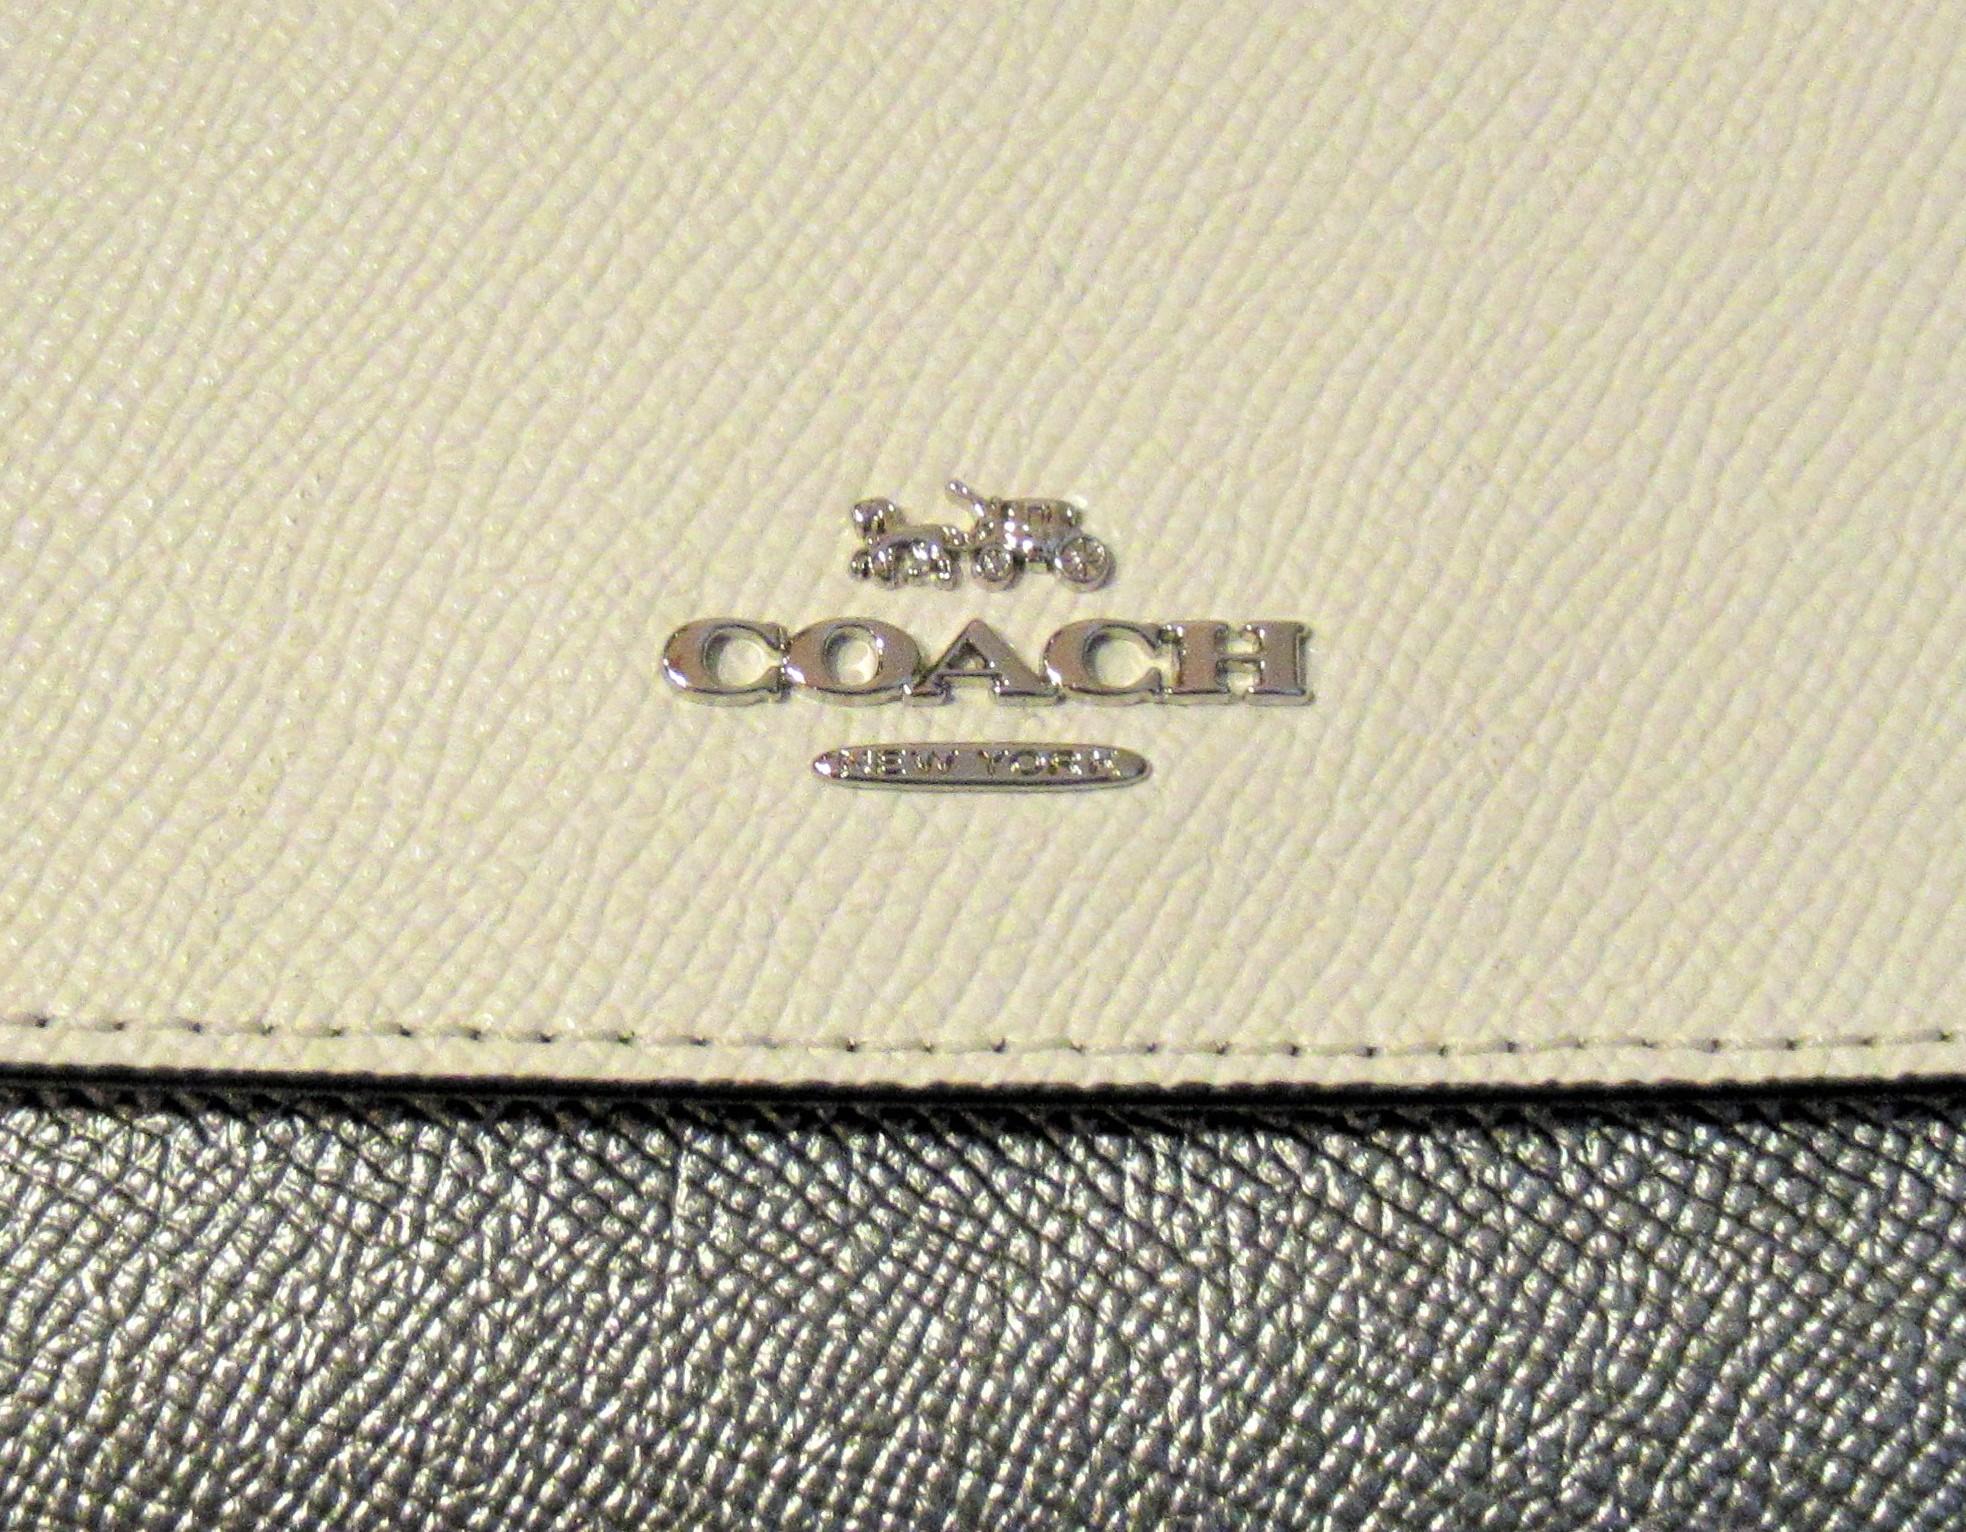 ワイケレプレミアムアウトレットの『COACH』は本当に安い!今回の購入品|子連れハワイブログ